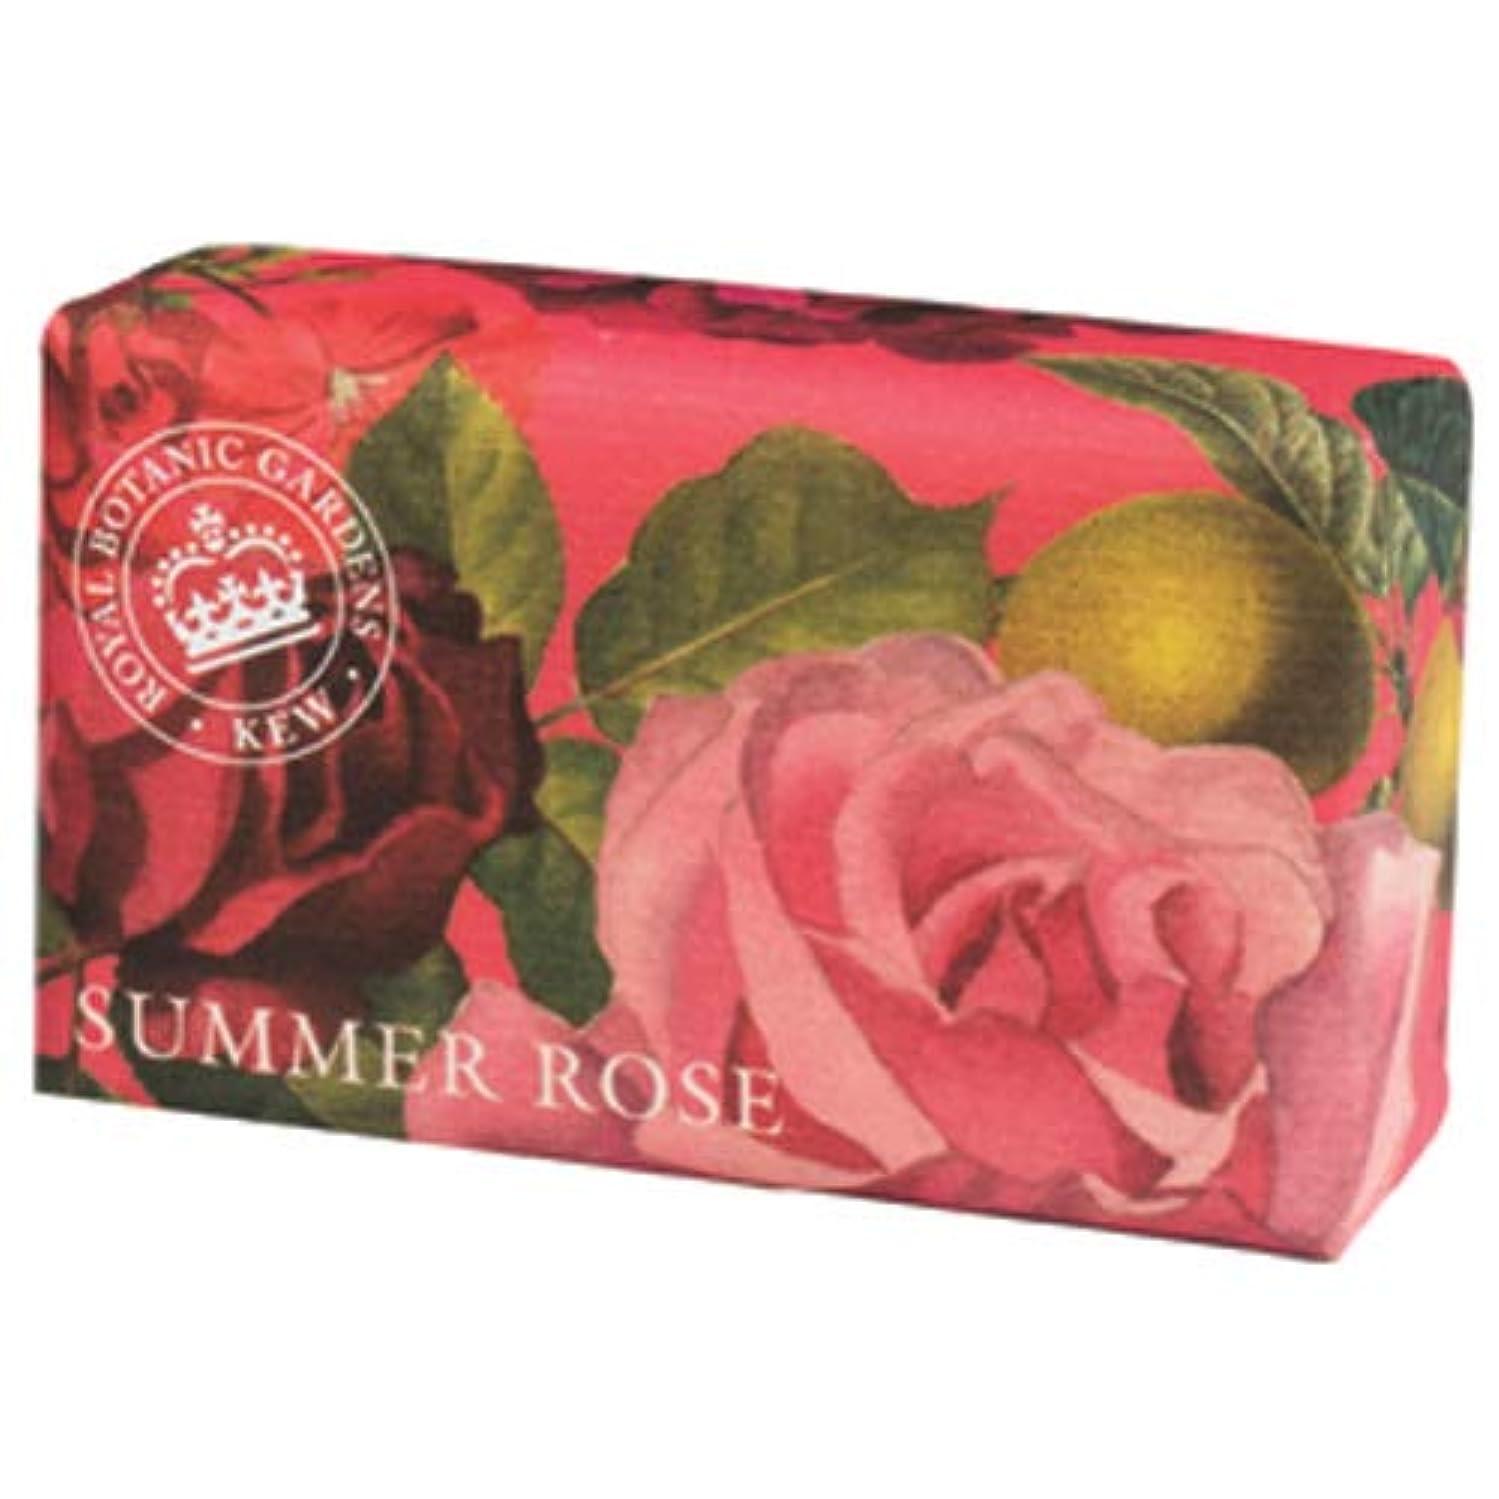 年金チャンピオンシップ先見の明English Soap Company イングリッシュソープカンパニー KEW GARDEN キュー?ガーデン Luxury Shea Soaps シアソープ Summer Rose サマーローズ